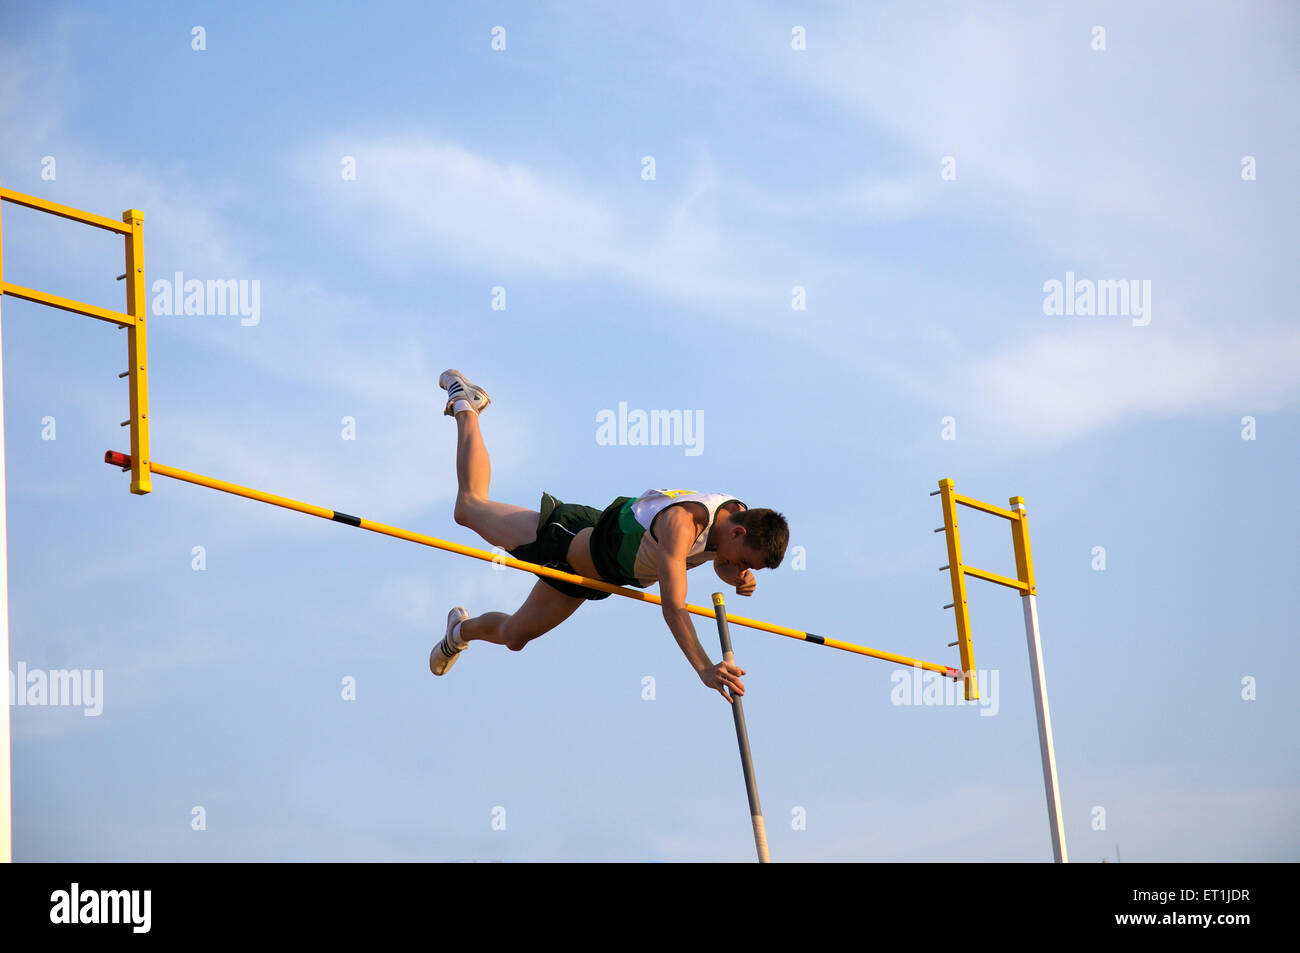 La tentative de l'athlète de saut à la perche; Pune Maharashtra; Inde; 15 octobre Photo Stock